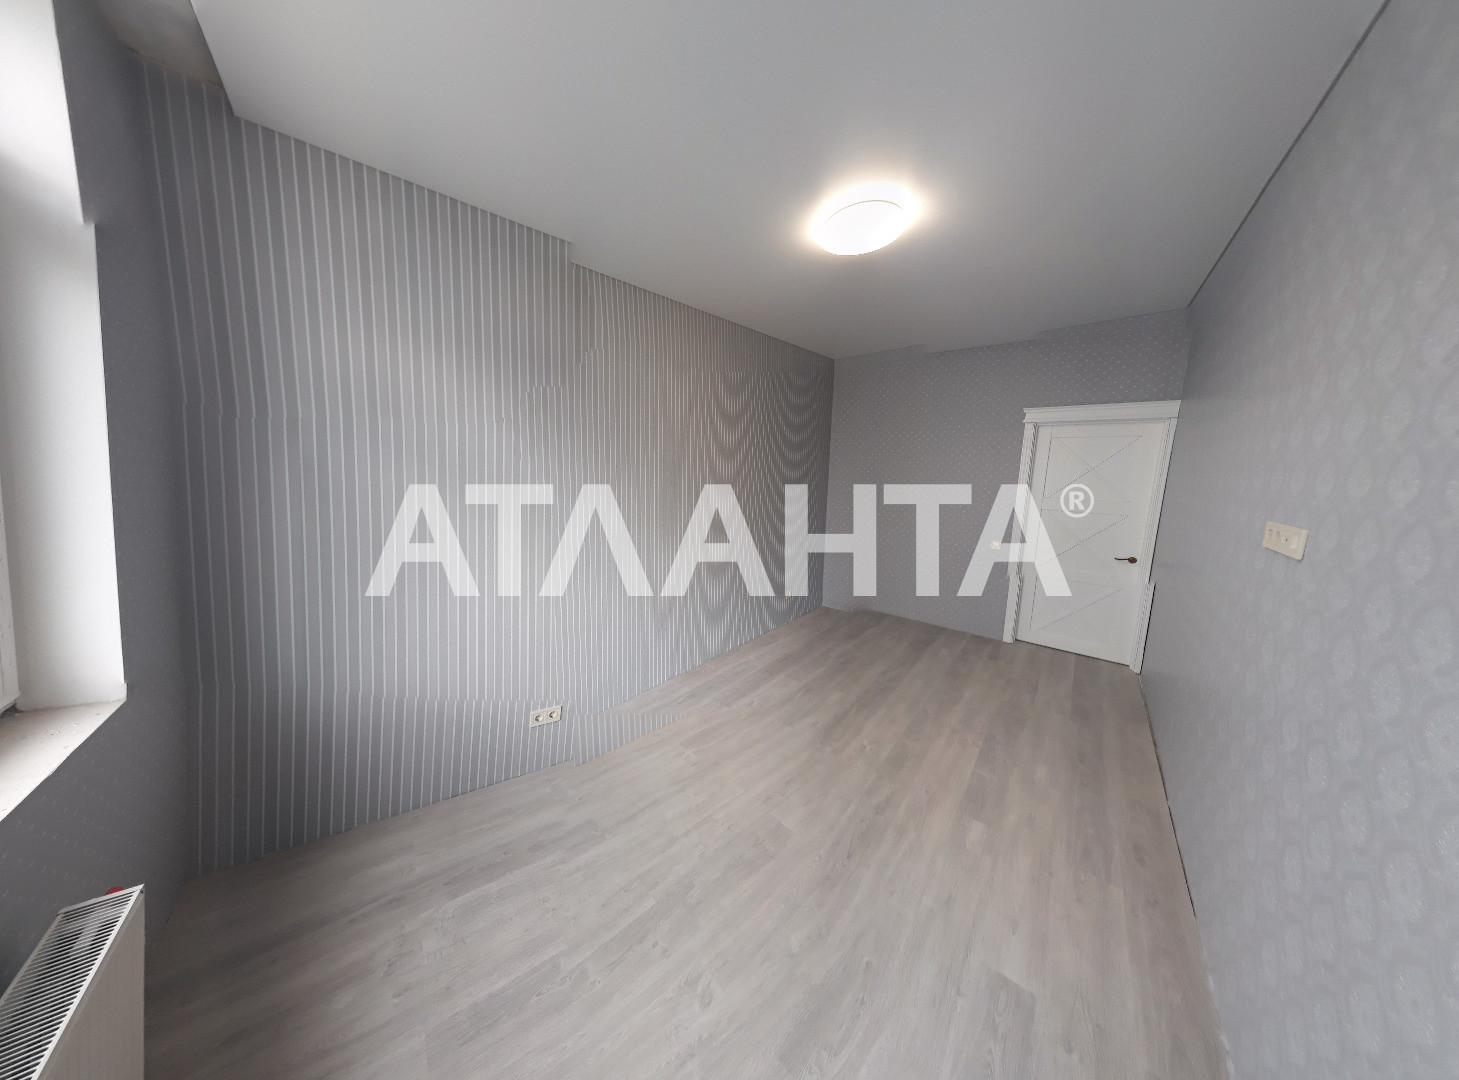 Продается 2-комнатная Квартира на ул. Юнацька — 89 000 у.е. (фото №12)